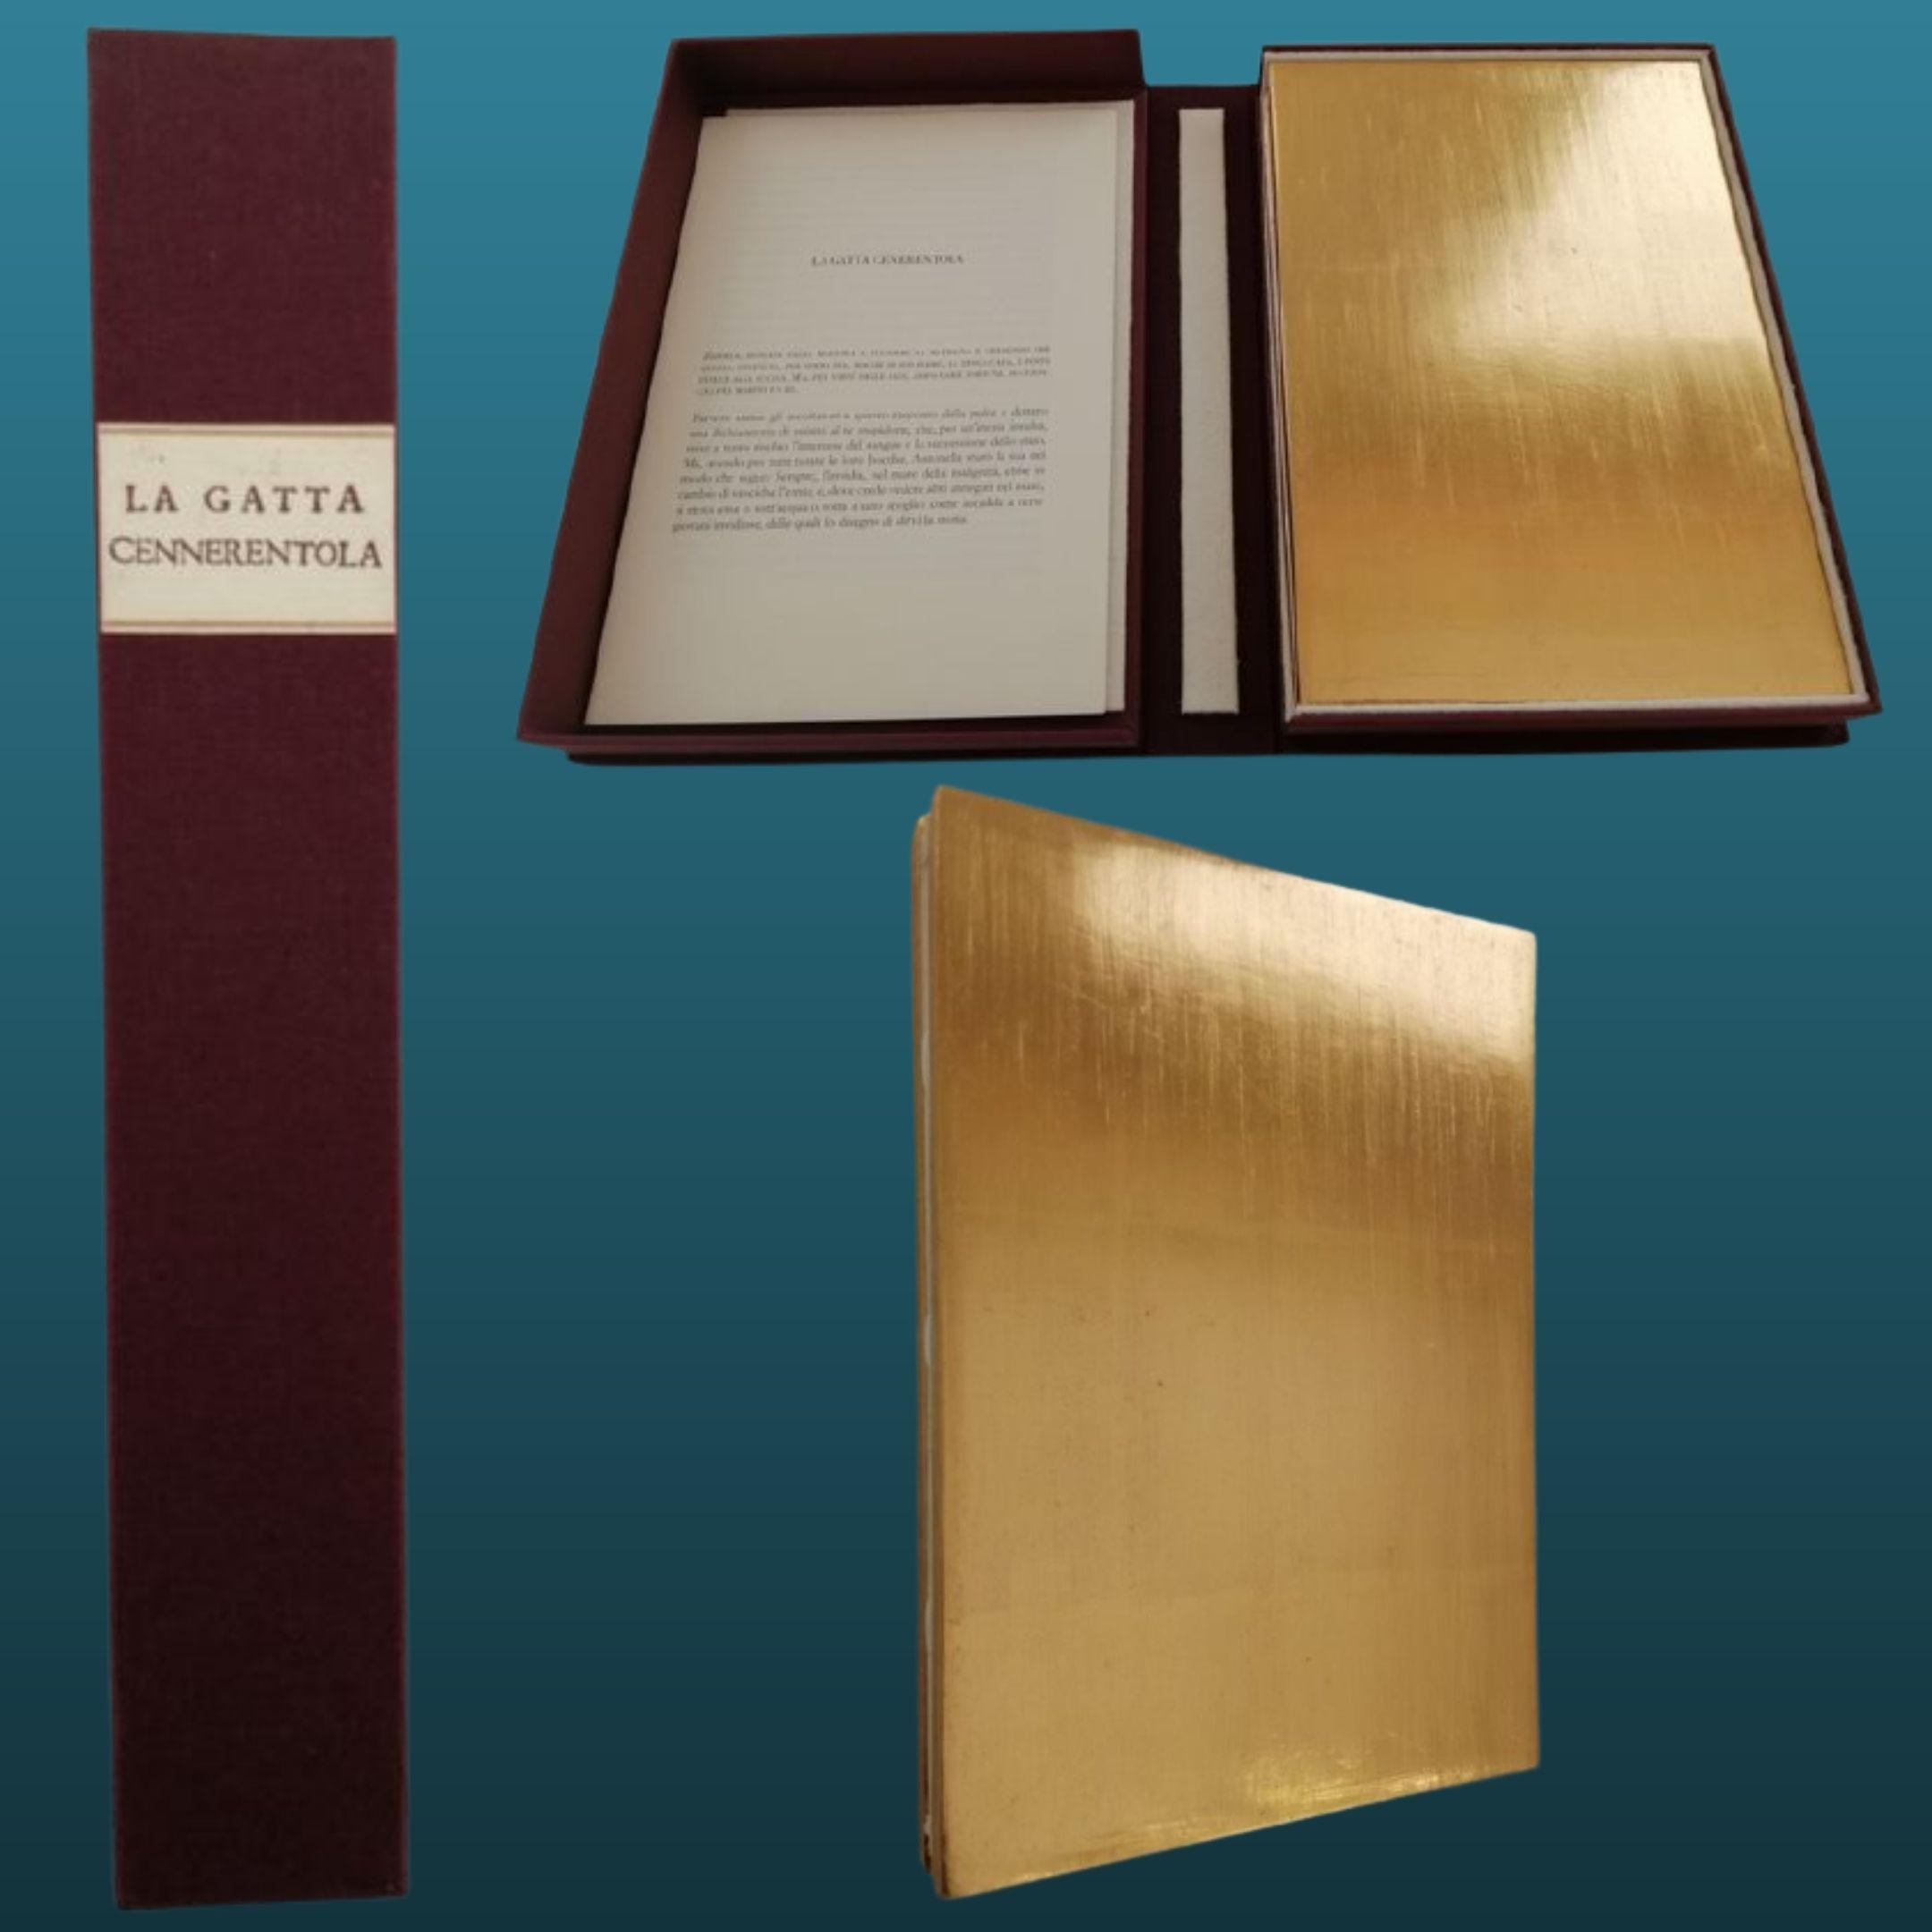 """In asta una straordinaria edizione de """"La gatta cennerentola"""" di Giambattista Basile ricoperta d'oro a 24k"""